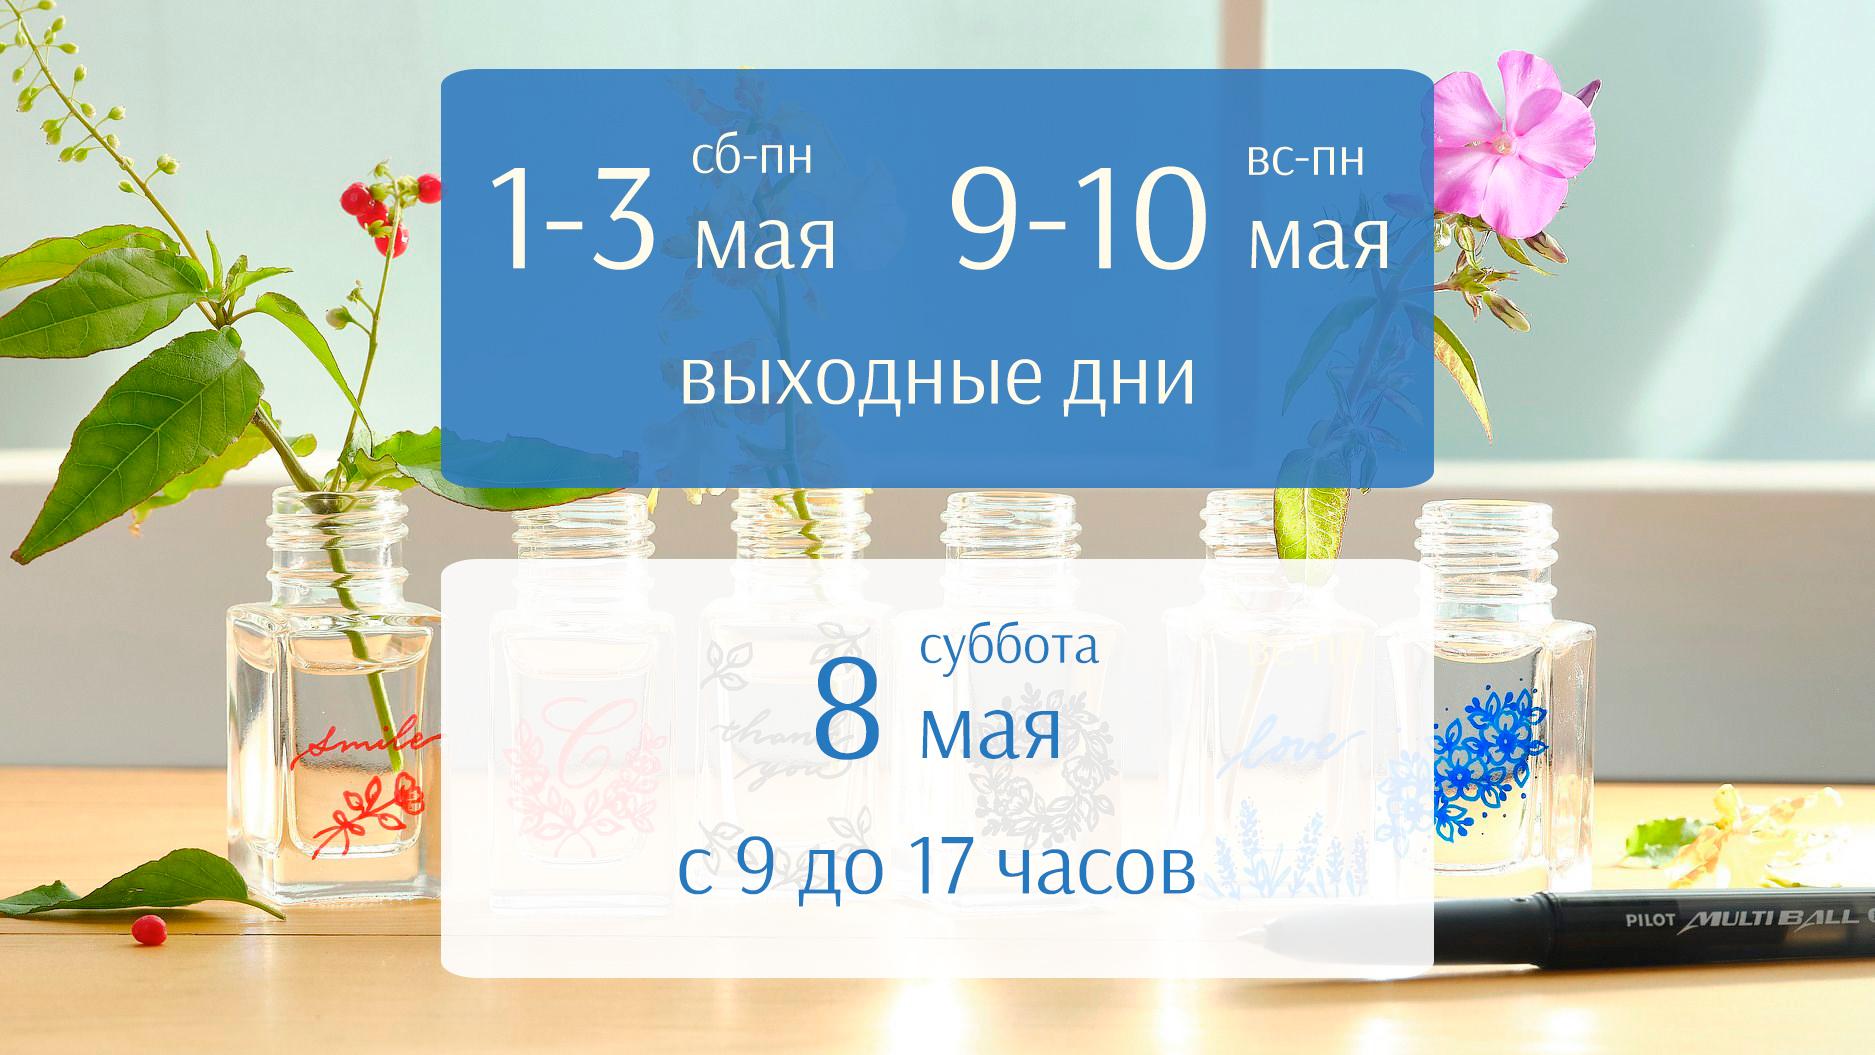 График работы интернет-магазина pilotrus.ru в мае